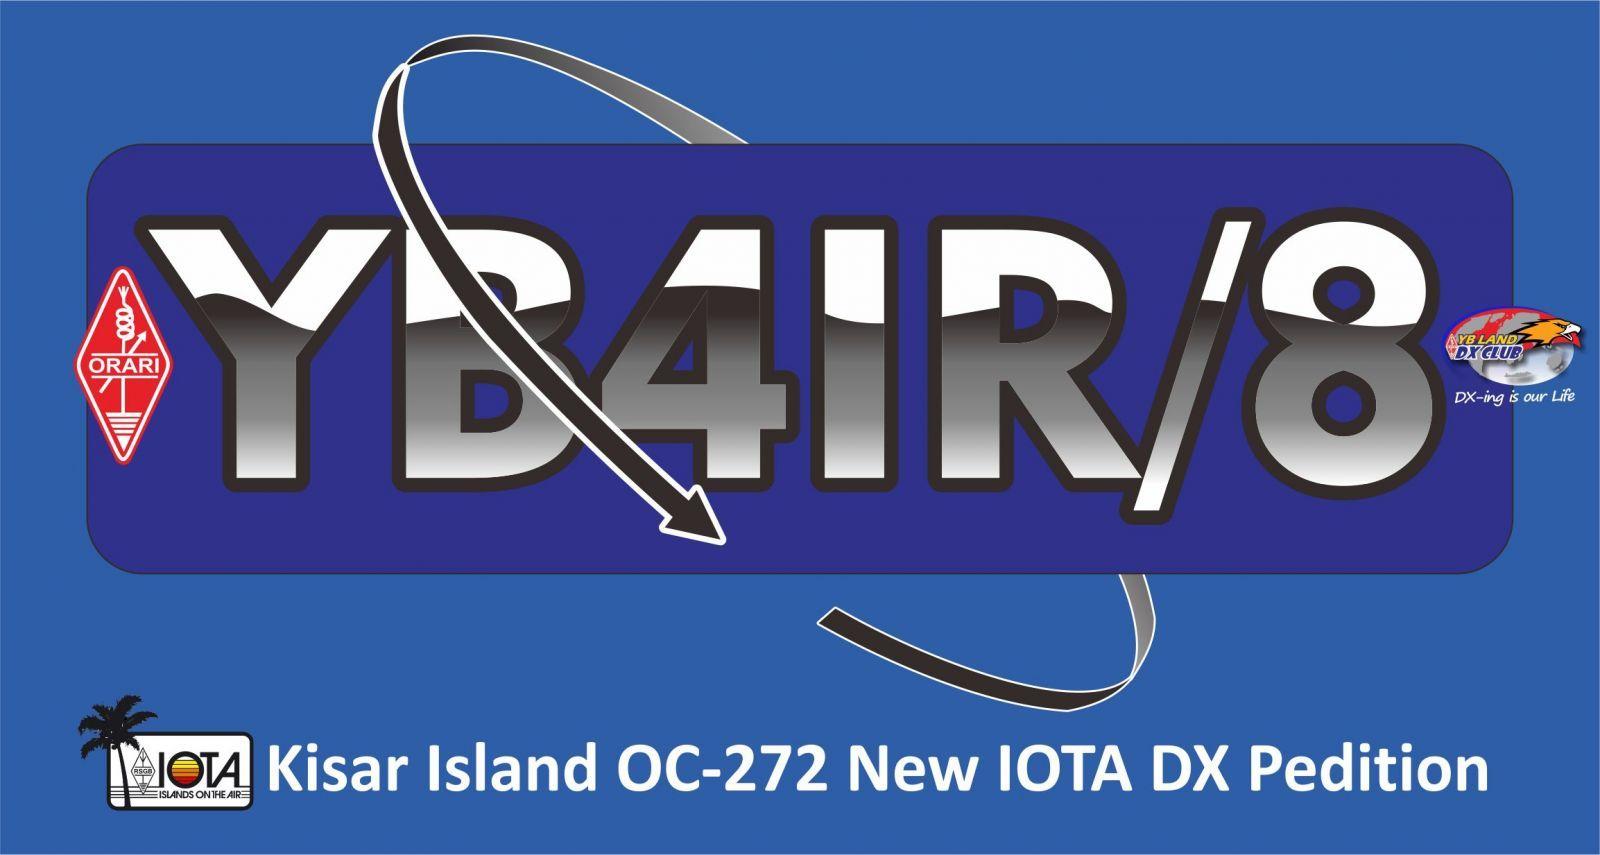 Kisar Island YB4IR/8 QSL